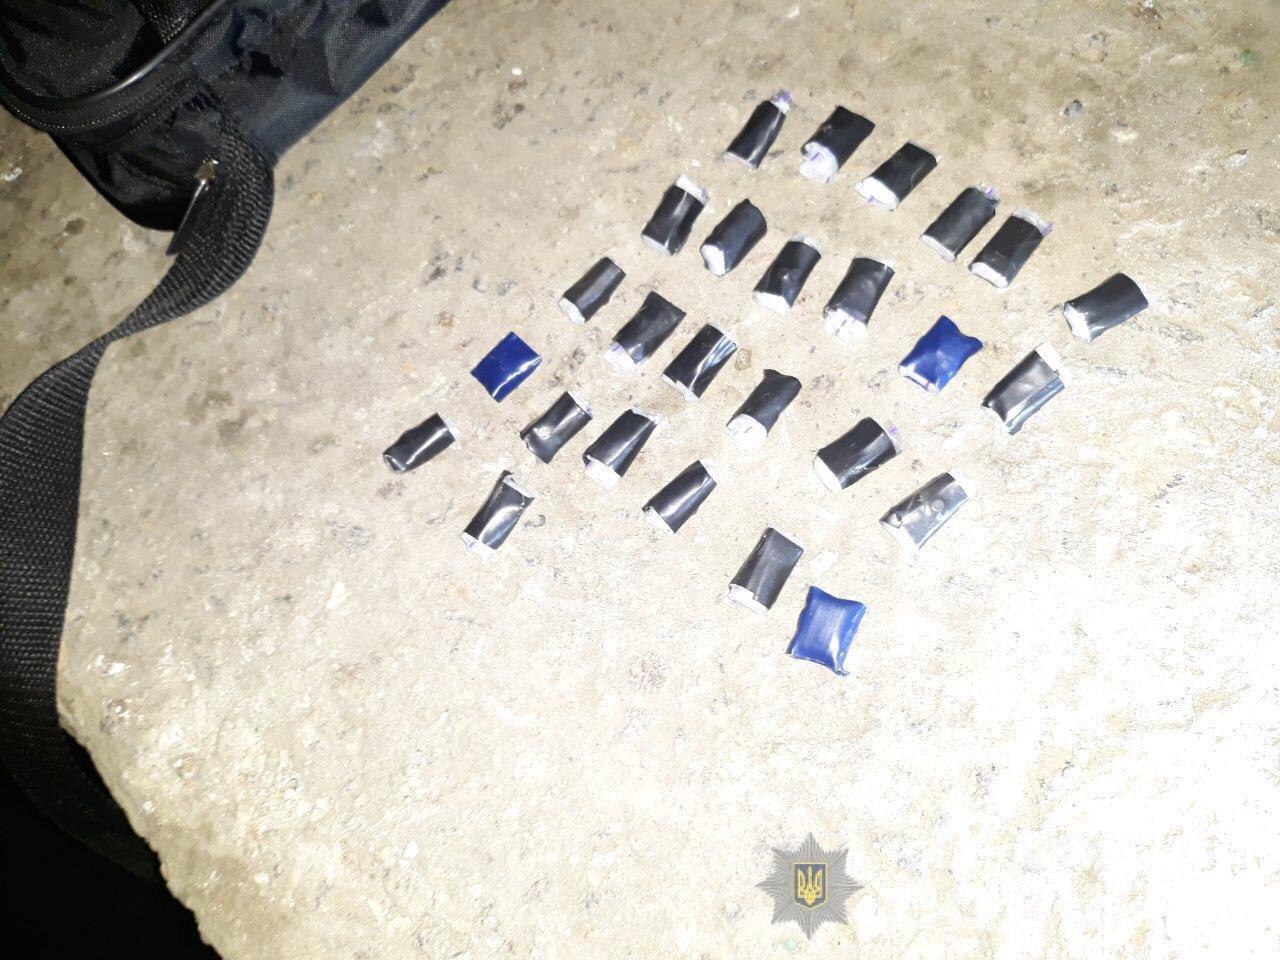 В Харькове «копы» задержали парня, который делал «закладки», - ФОТО, фото-1